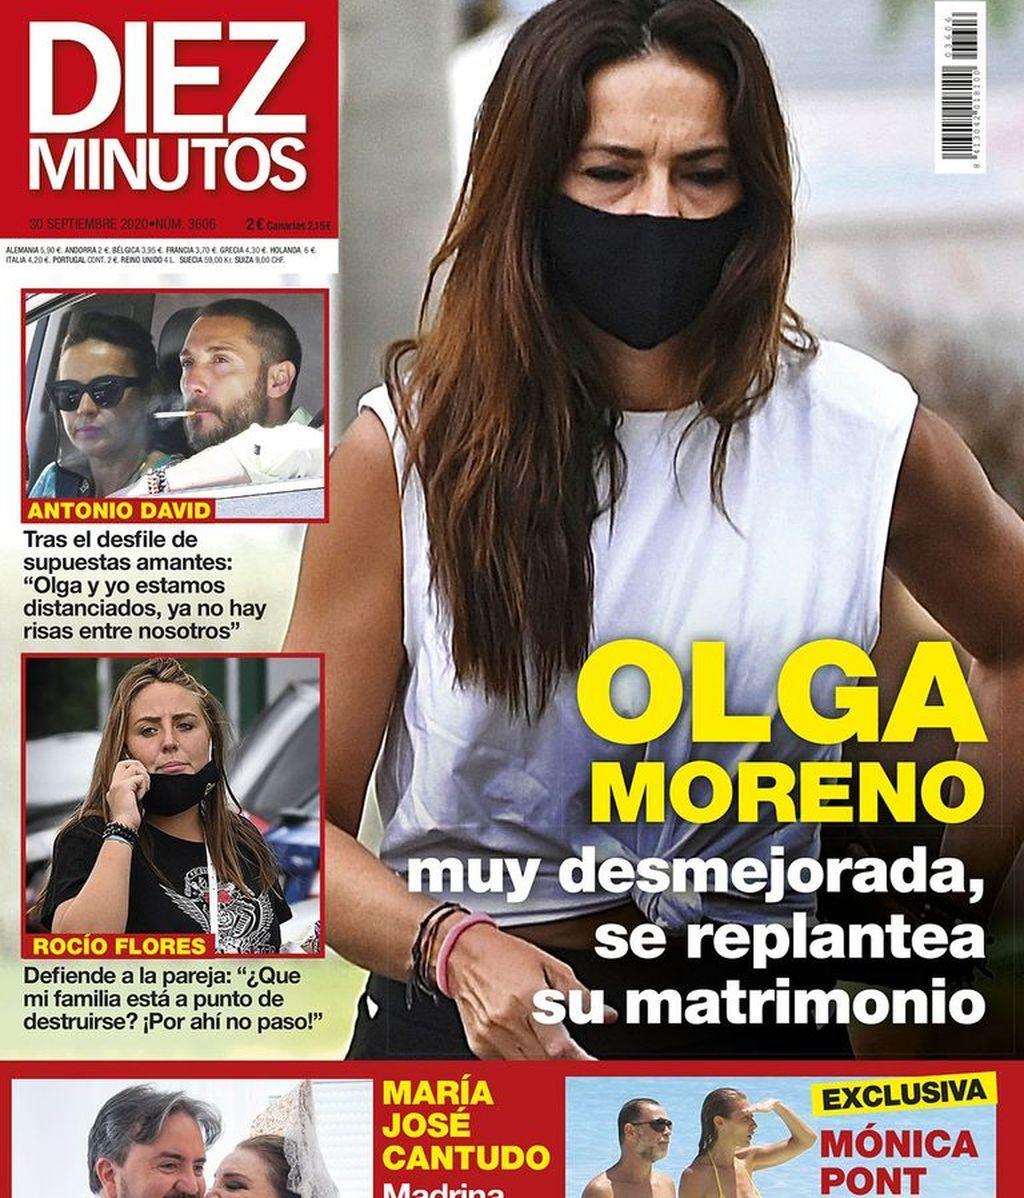 Olga Moreno, en la portada de Diez Minutos